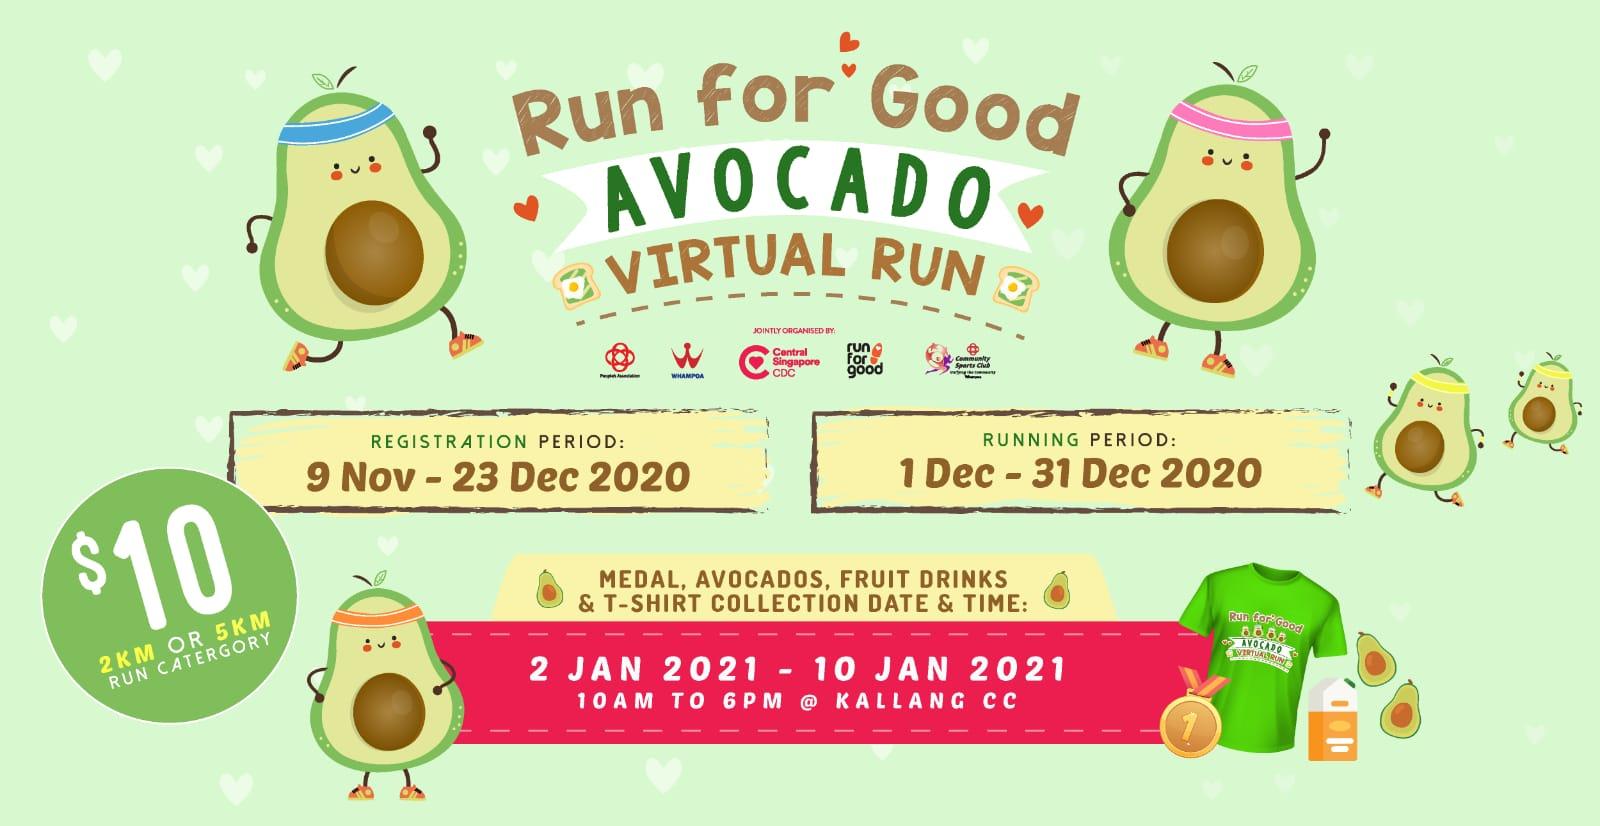 Logo of Run For Good Avocado Virtual Run 2020